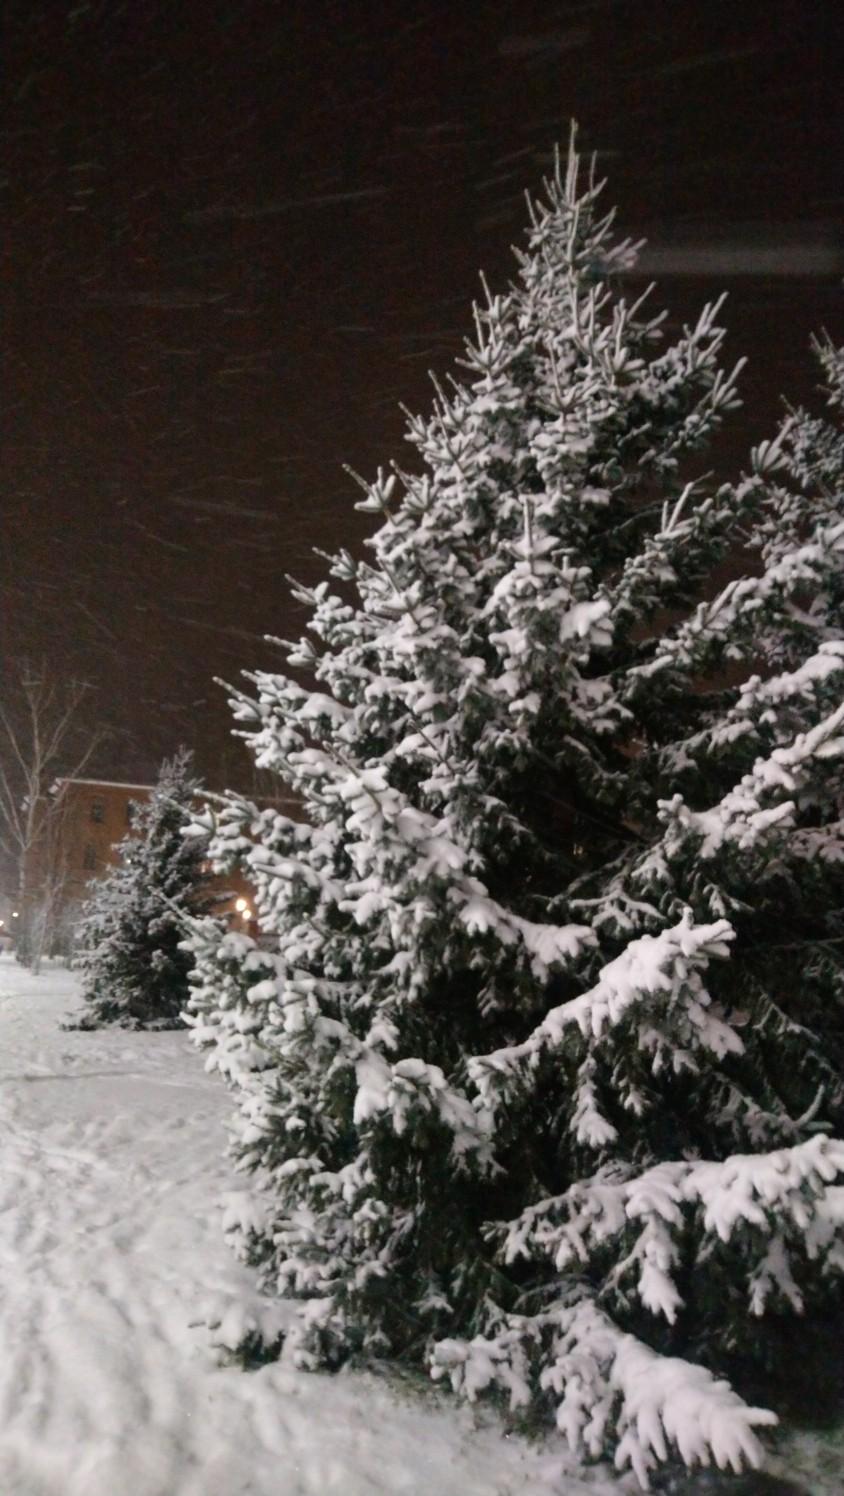 #Енисейск400 #Енисейск #снег #ноябрь